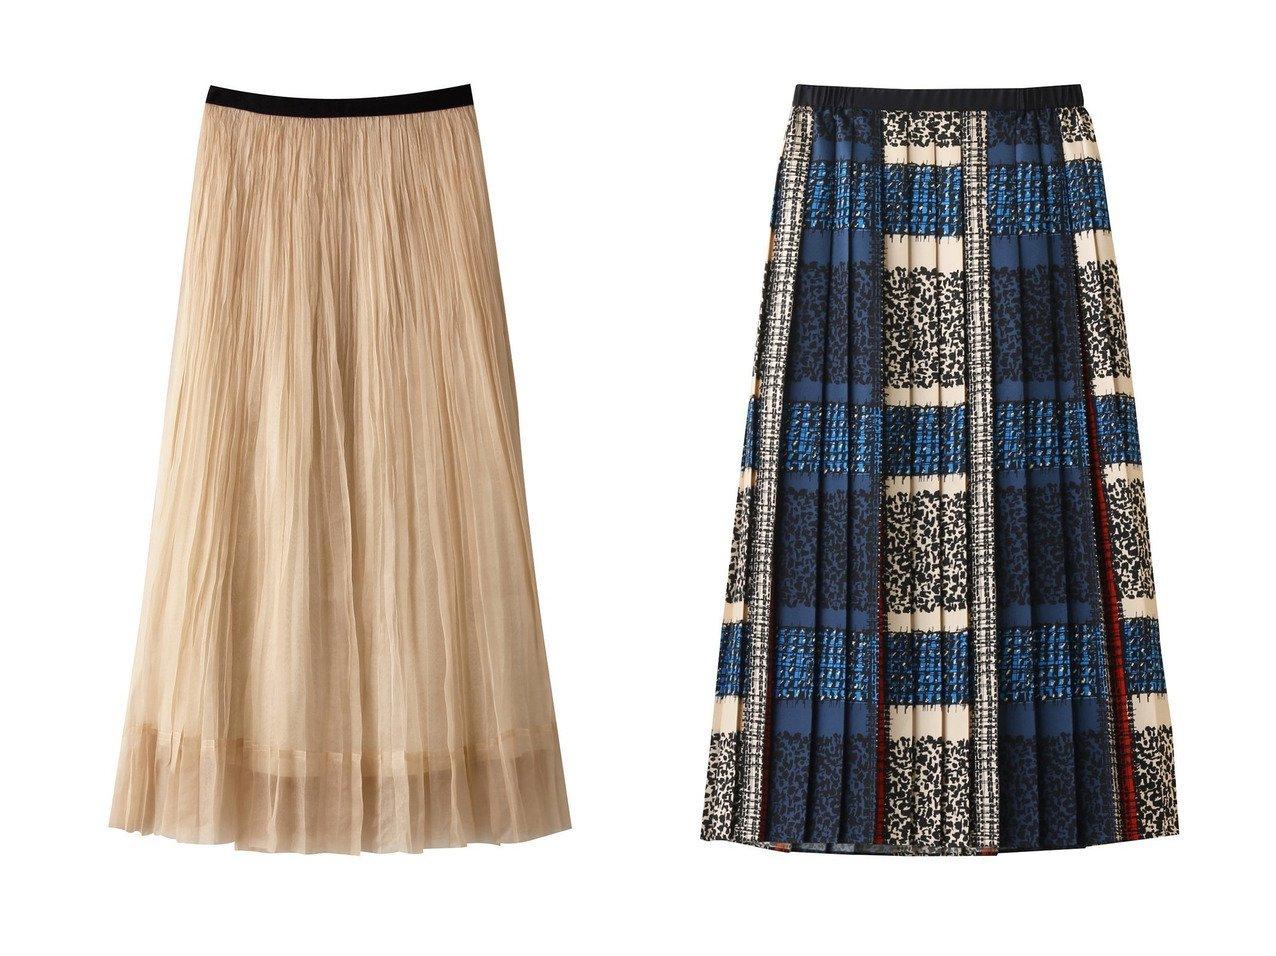 【HOUSE OF LOTUS/ハウス オブ ロータス】のシルクオーガンジープリーツスカート&【allureville/アルアバイル】のジオメトリックチェックプリーツスカート 【スカート】おすすめ!人気、トレンド・レディースファッションの通販 おすすめで人気の流行・トレンド、ファッションの通販商品 インテリア・家具・メンズファッション・キッズファッション・レディースファッション・服の通販 founy(ファニー) https://founy.com/ ファッション Fashion レディースファッション WOMEN スカート Skirt プリーツスカート Pleated Skirts ロングスカート Long Skirt 2020年 2020 2020-2021秋冬・A/W AW・Autumn/Winter・FW・Fall-Winter/2020-2021 2021年 2021 2021-2022秋冬・A/W AW・Autumn/Winter・FW・Fall-Winter・2021-2022 A/W・秋冬 AW・Autumn/Winter・FW・Fall-Winter エアリー オーガンジー シアー シルク プリーツ ペチコート ロング |ID:crp329100000066645